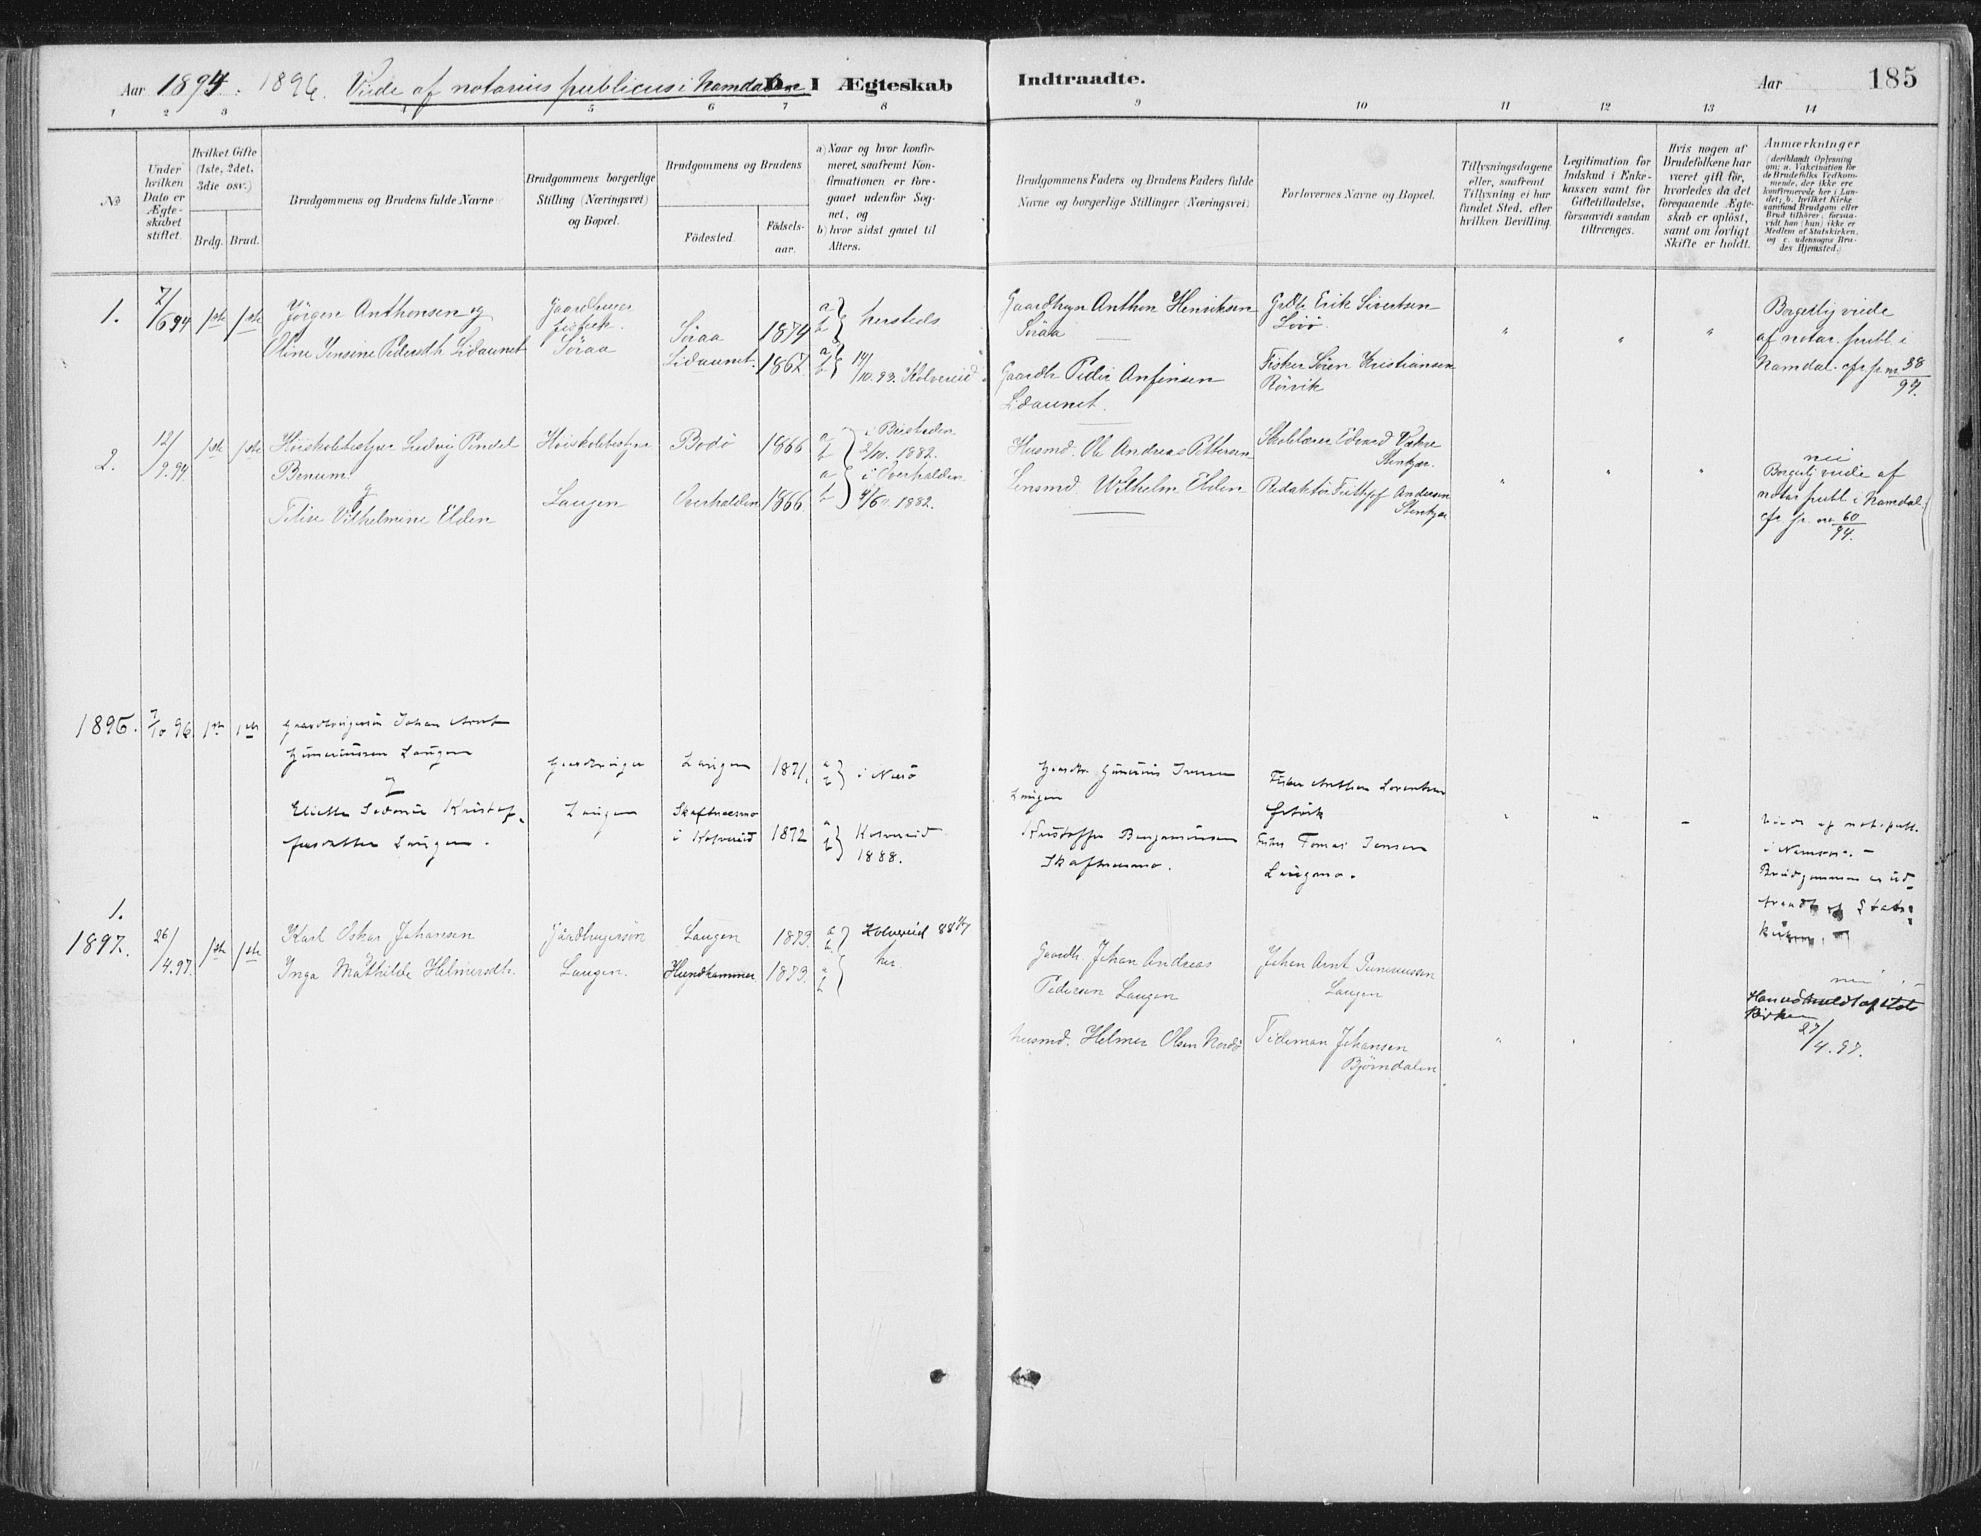 SAT, Ministerialprotokoller, klokkerbøker og fødselsregistre - Nord-Trøndelag, 784/L0673: Ministerialbok nr. 784A08, 1888-1899, s. 185